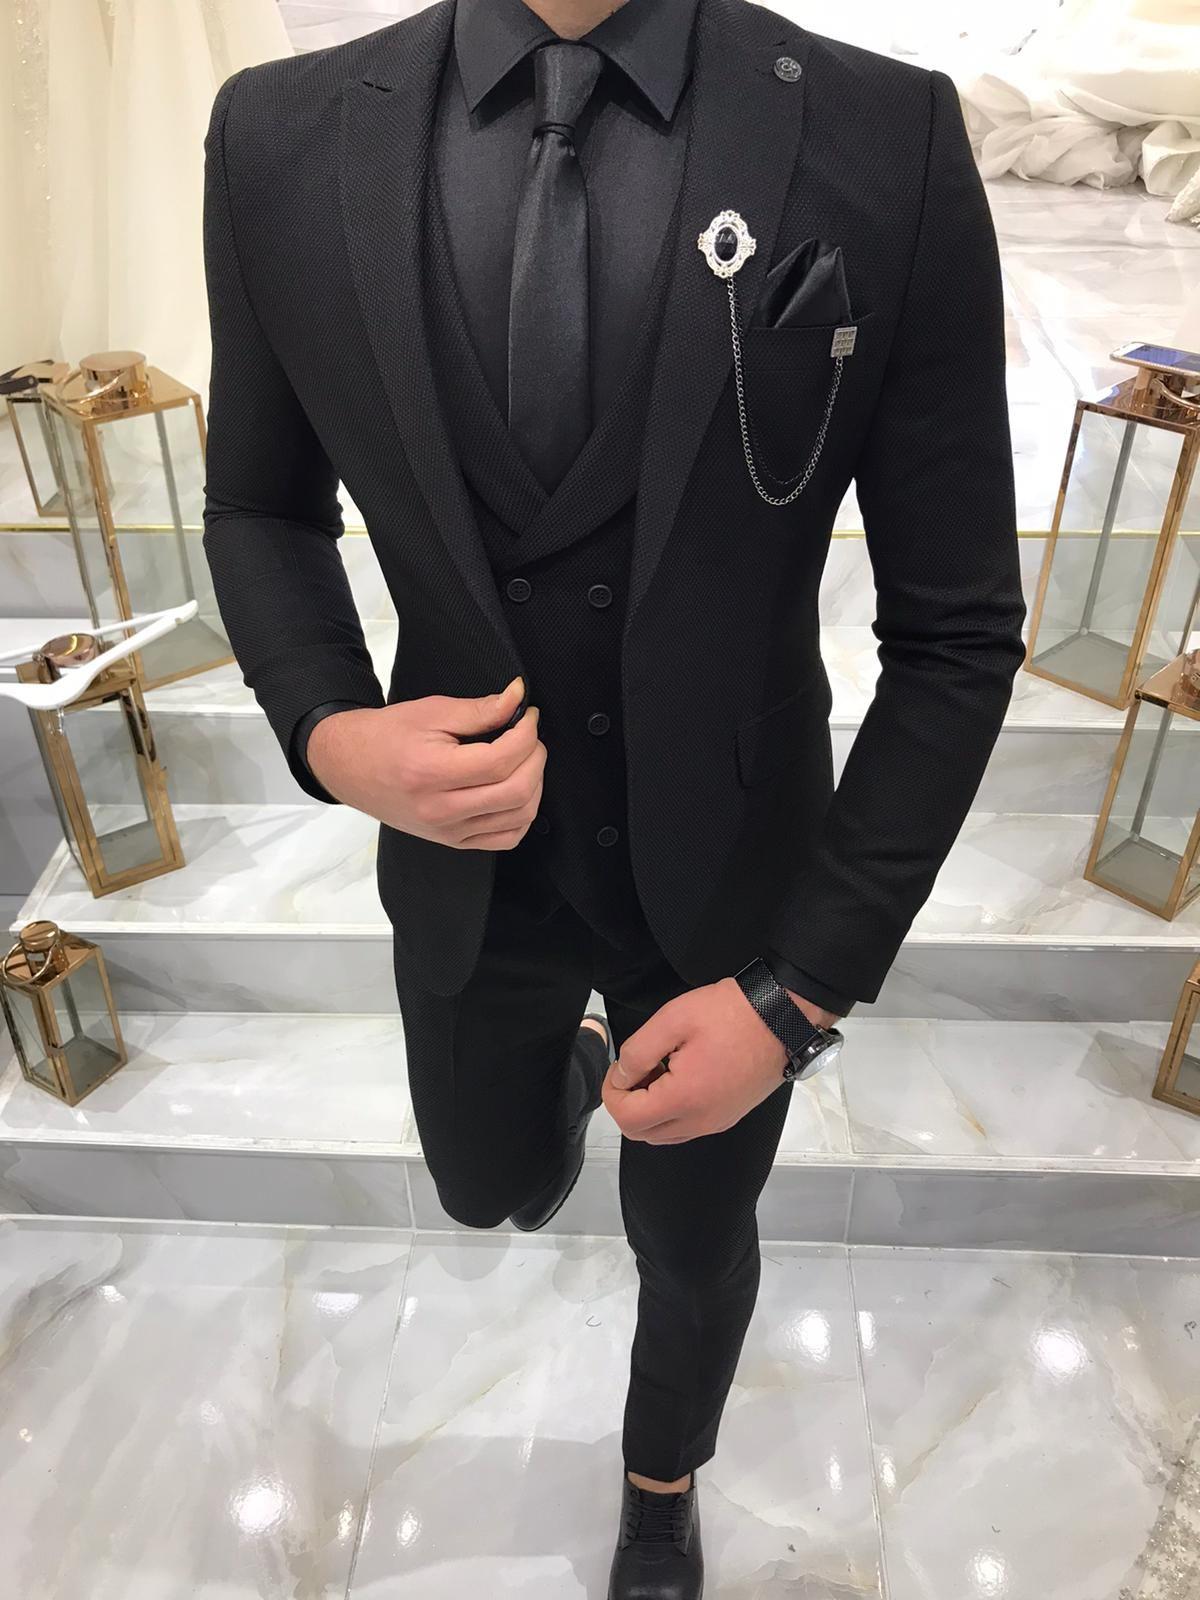 Camillus Black Slim Fit Wool Suit Bespoke Daily Dress Suits For Men Fashion Suits For Men Black Suit Men [ 1600 x 1200 Pixel ]